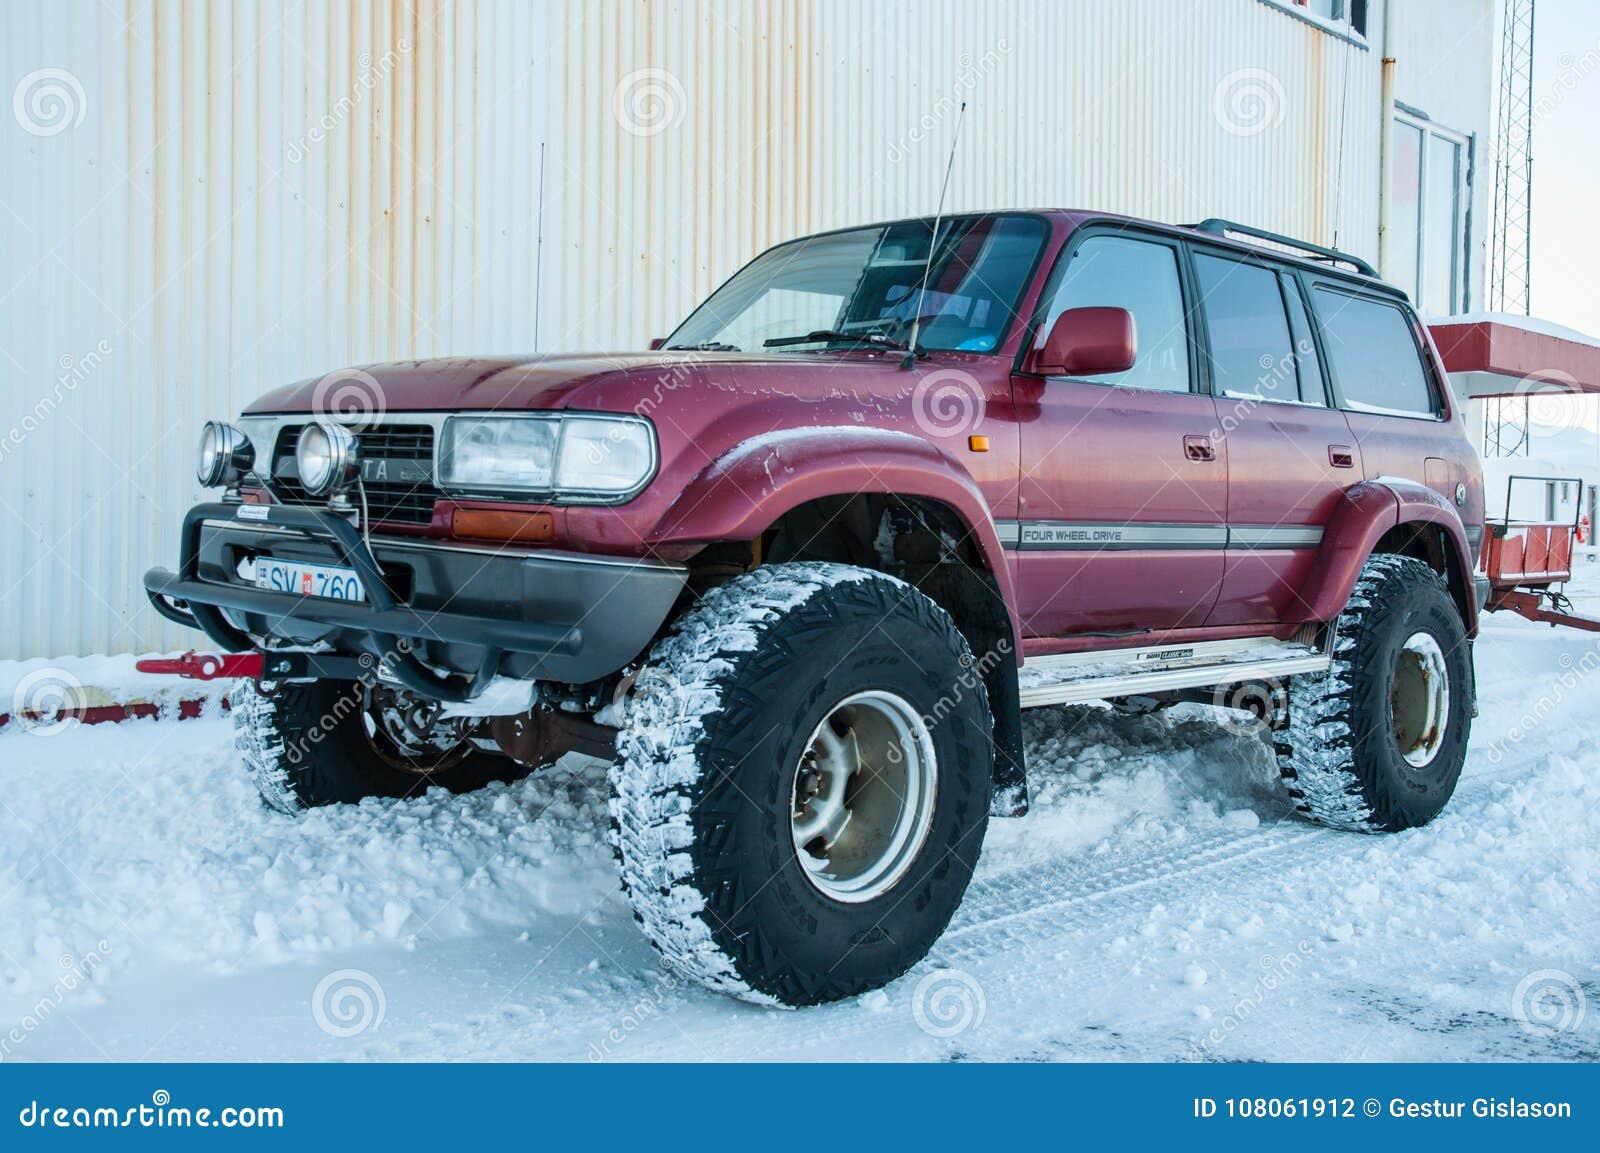 Islandzki zmodyfikowany Toyota ziemi krążownik na dużym toczy wewnątrz śnieg